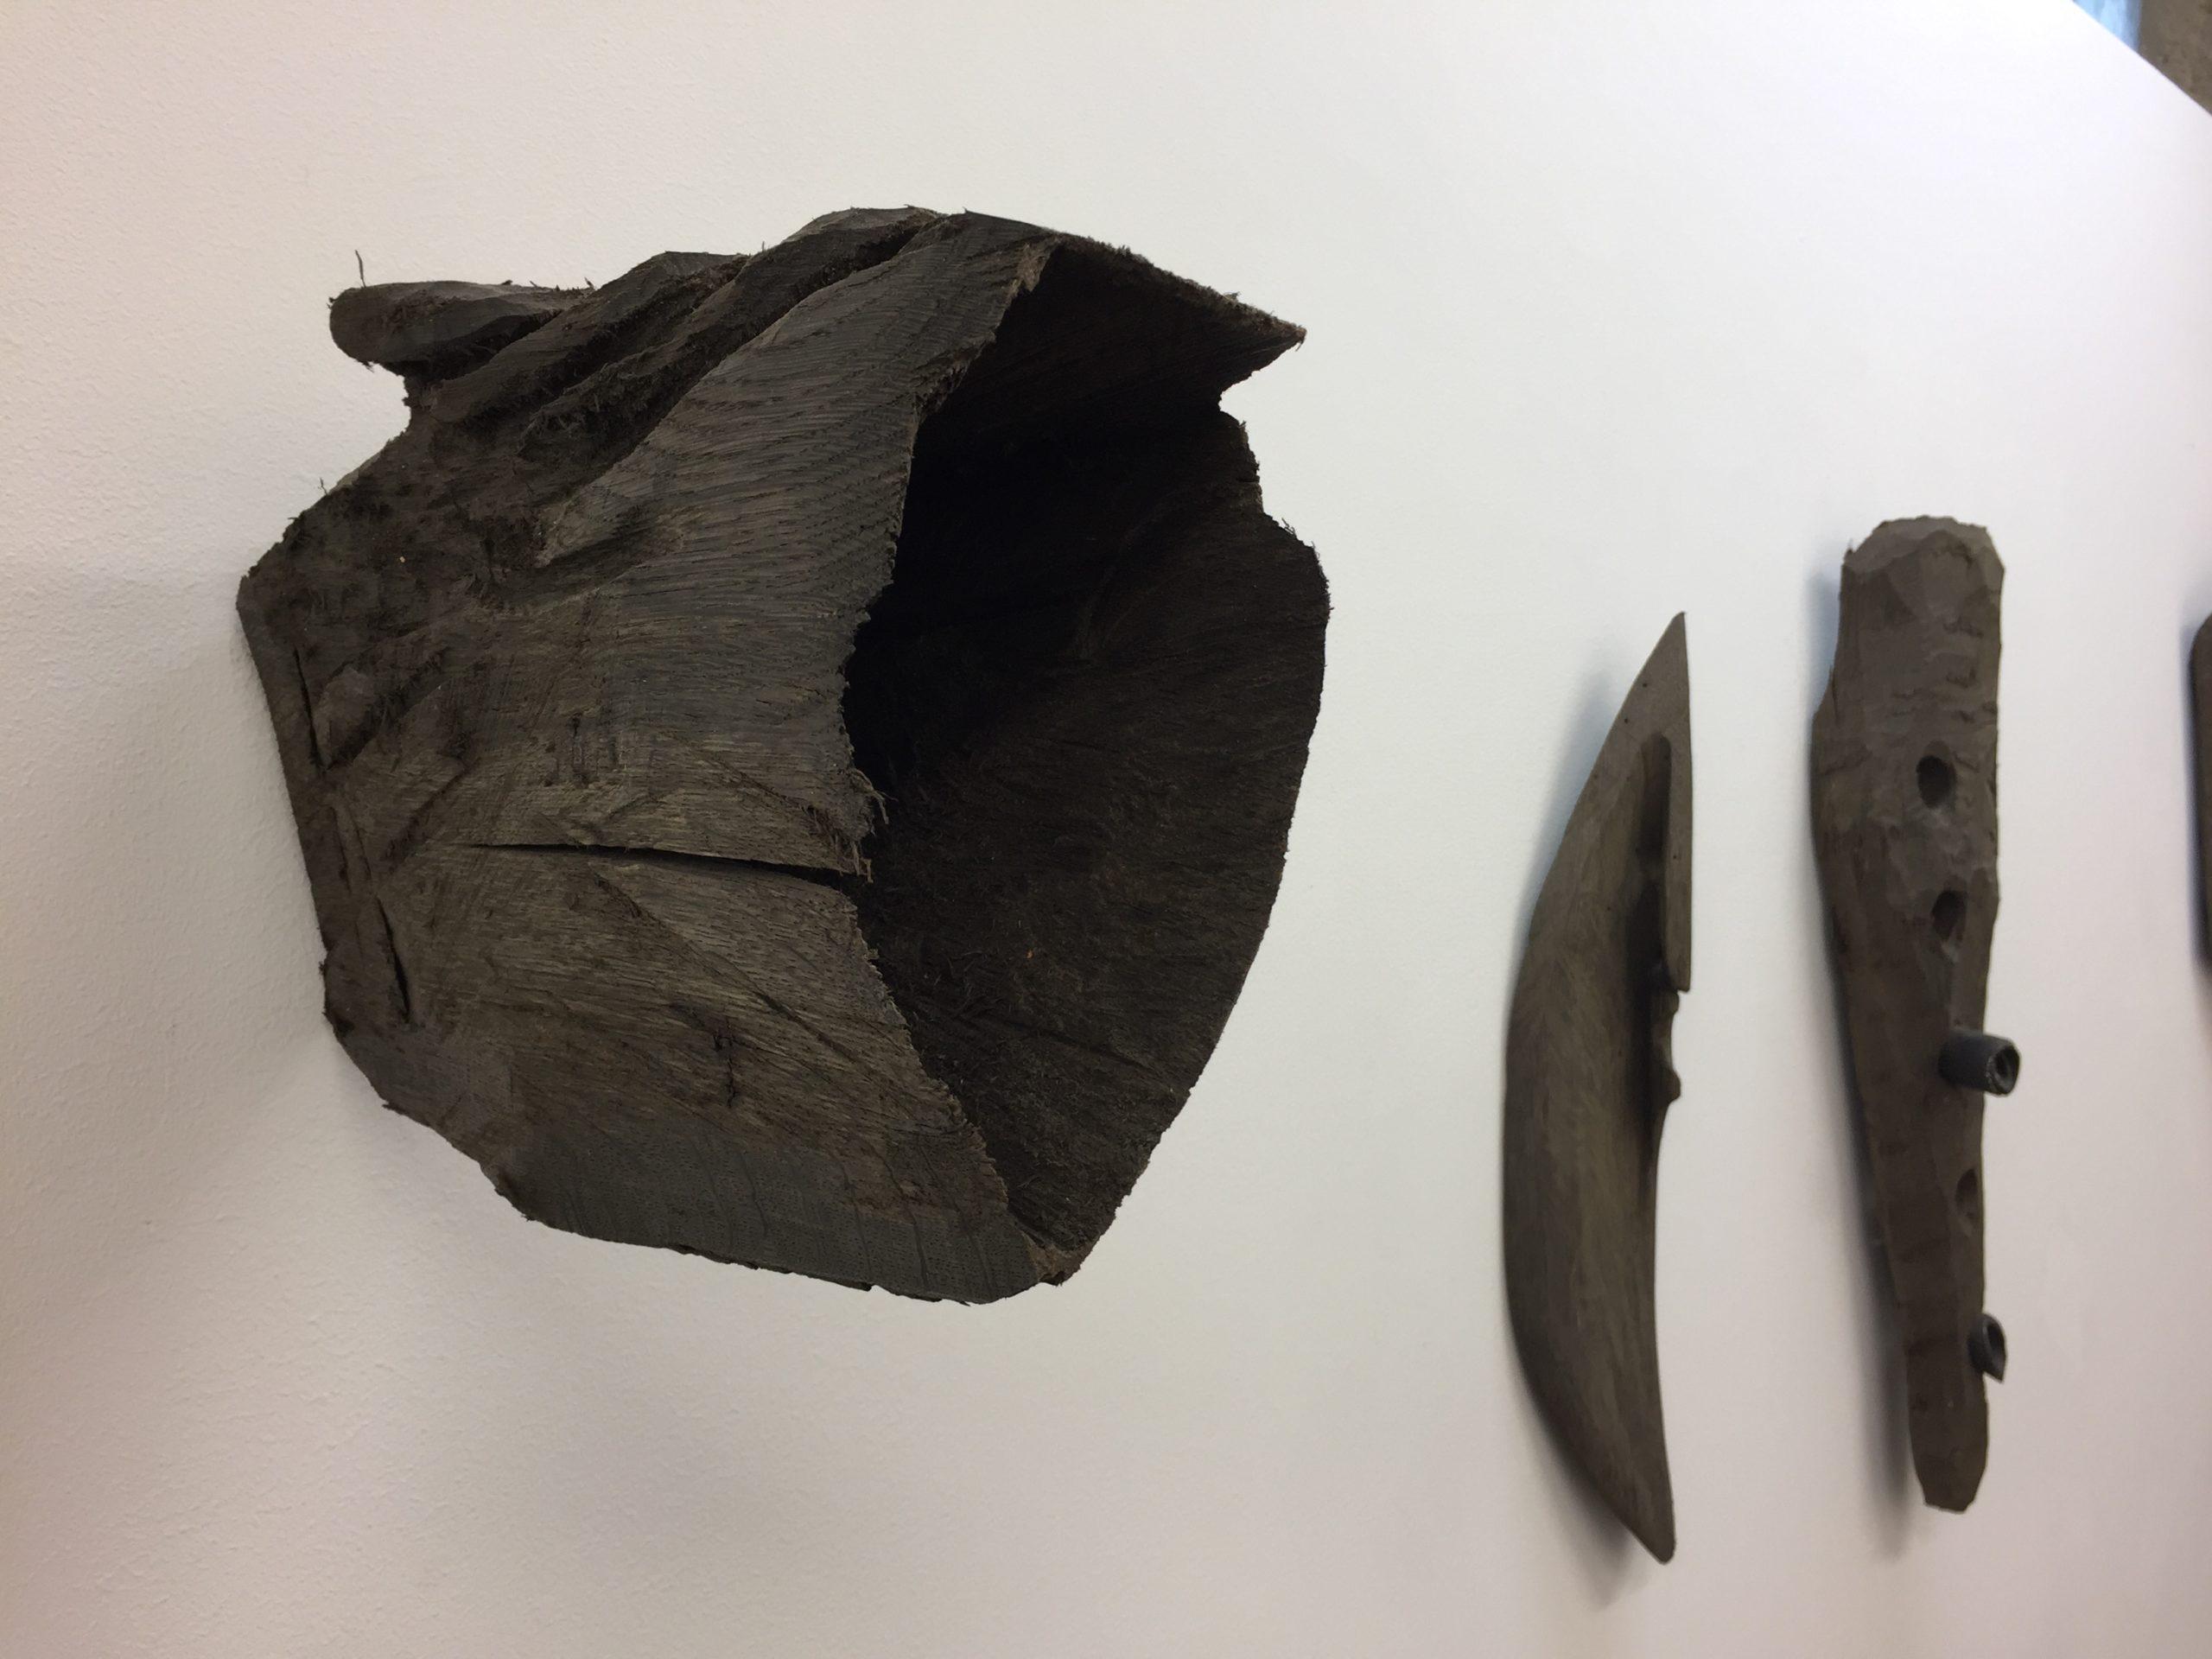 Eugen Jans, Objekte, Sumpfeiche über 2000 Jahre alt, 2017